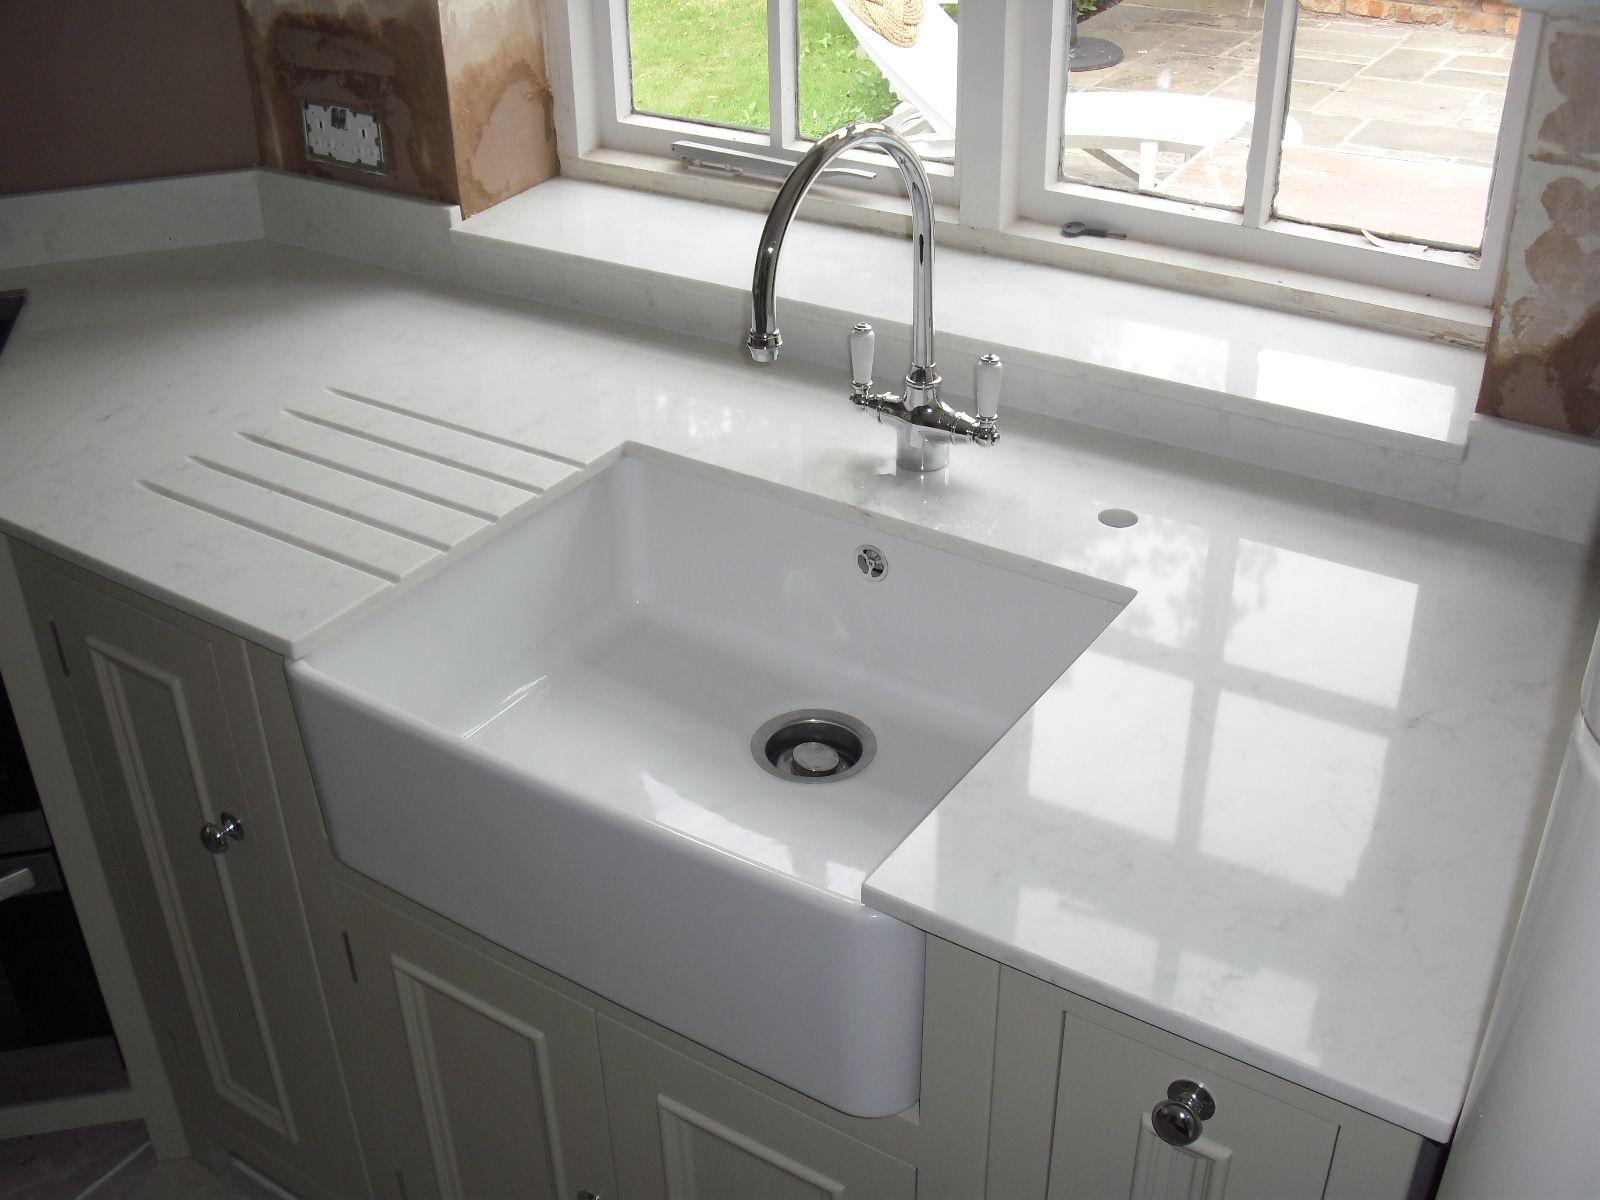 Cararra quartzworktops Compac. Belfast sink looks great